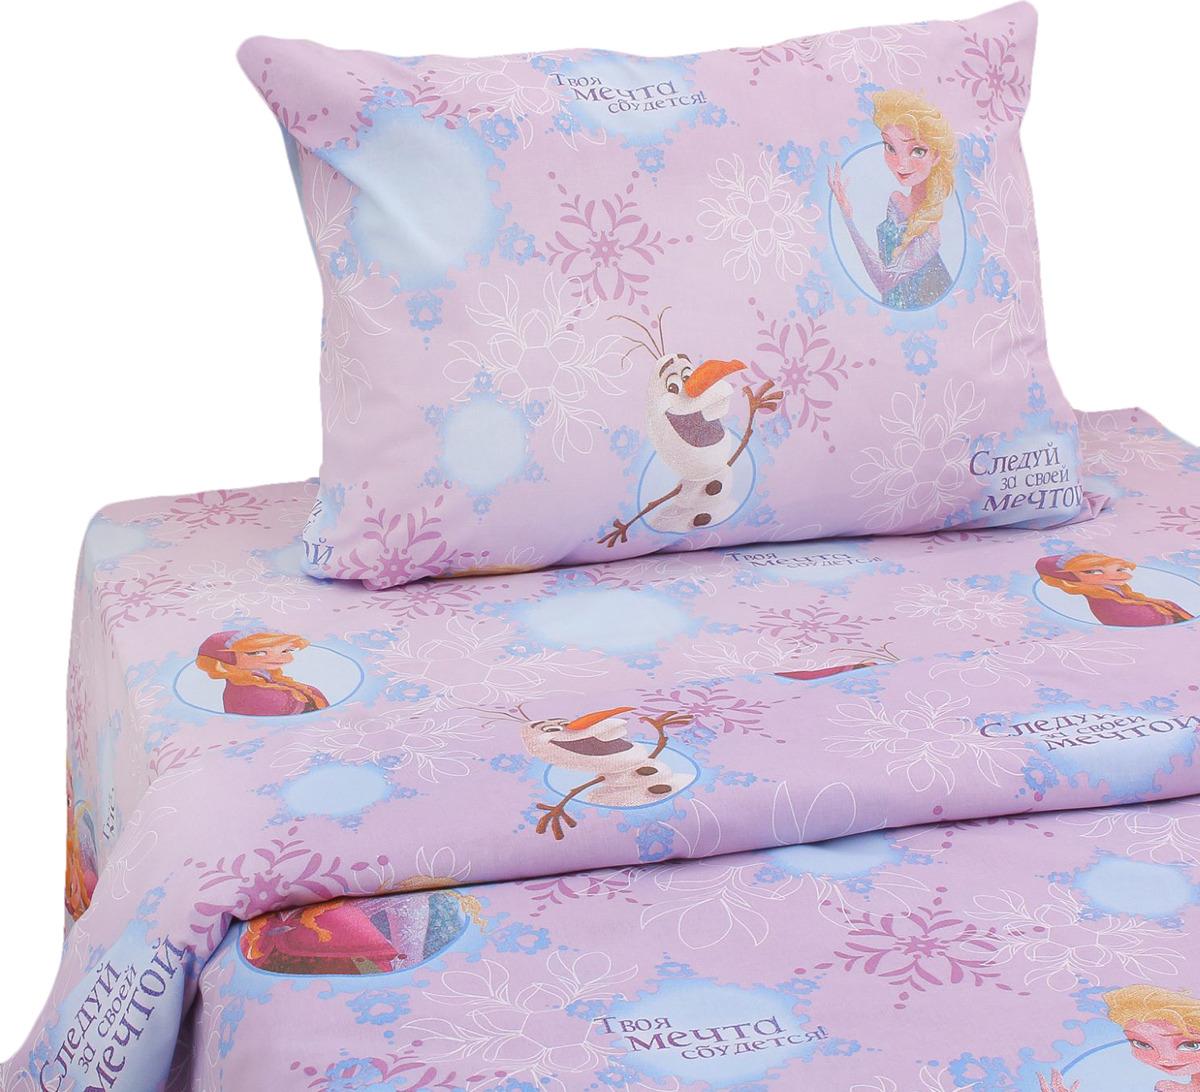 цена Комплект постельного белья Disney Следуй за мечтой Холодное сердце, 2319568, разноцветный, наволочка 50x70 онлайн в 2017 году